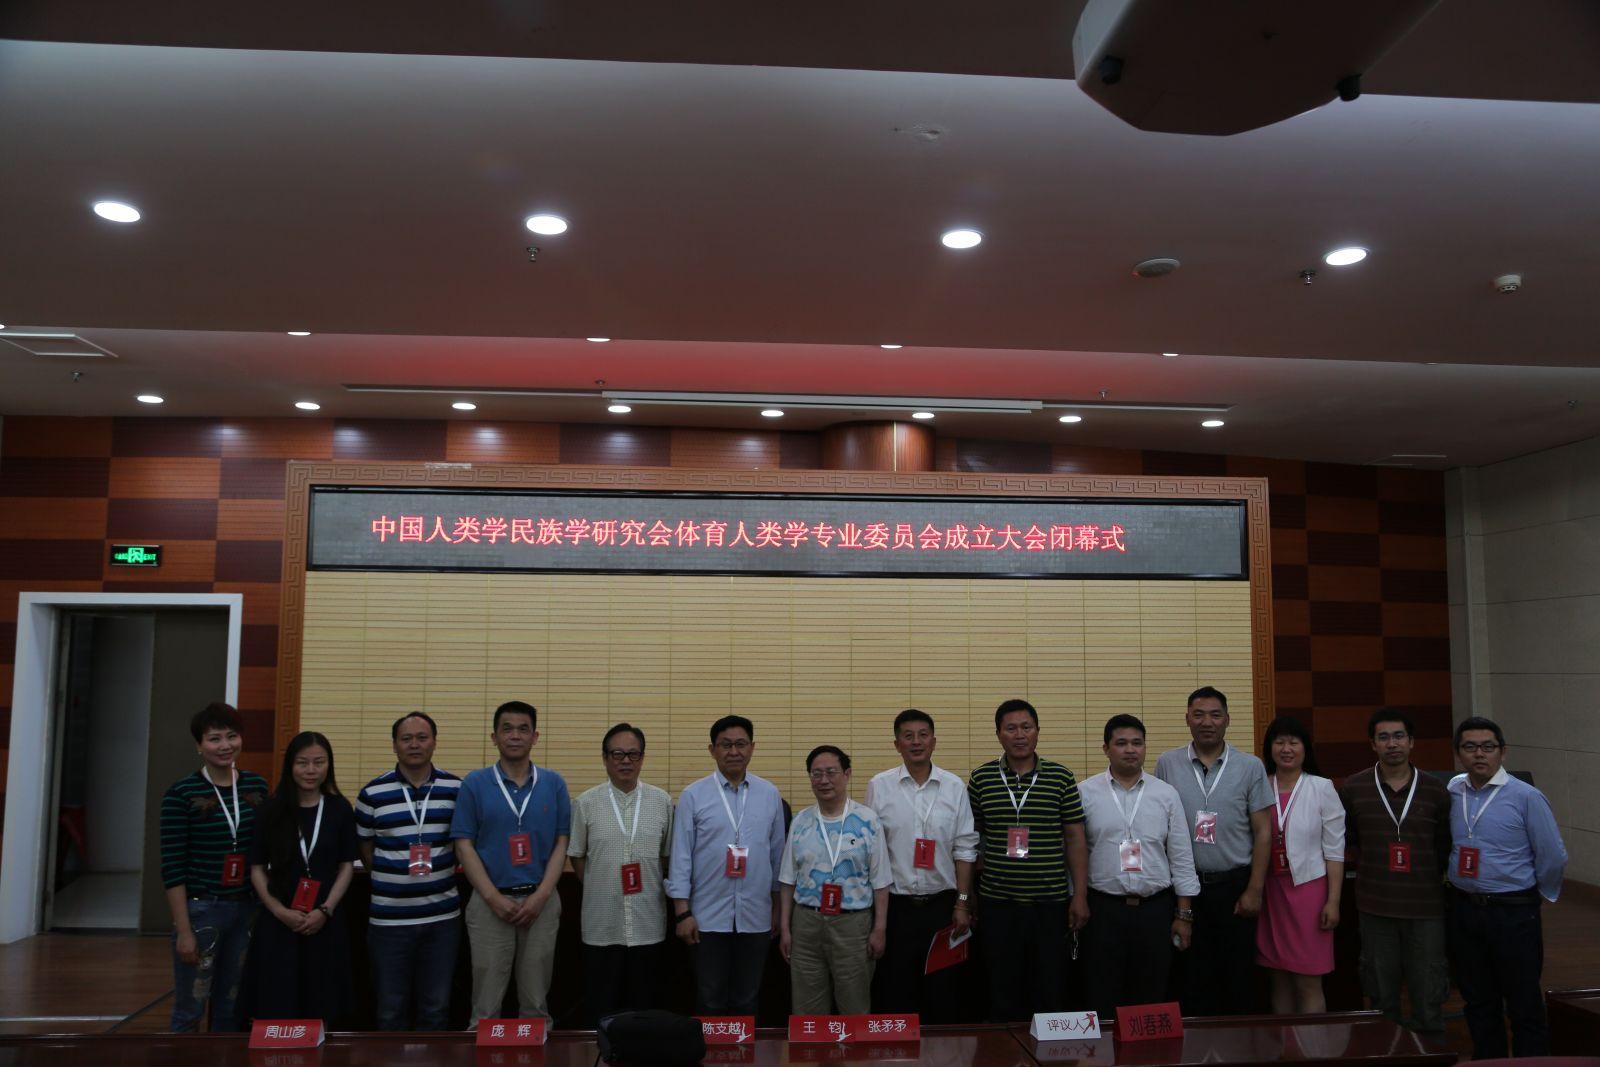 体育人类学专业委员会成立大会05